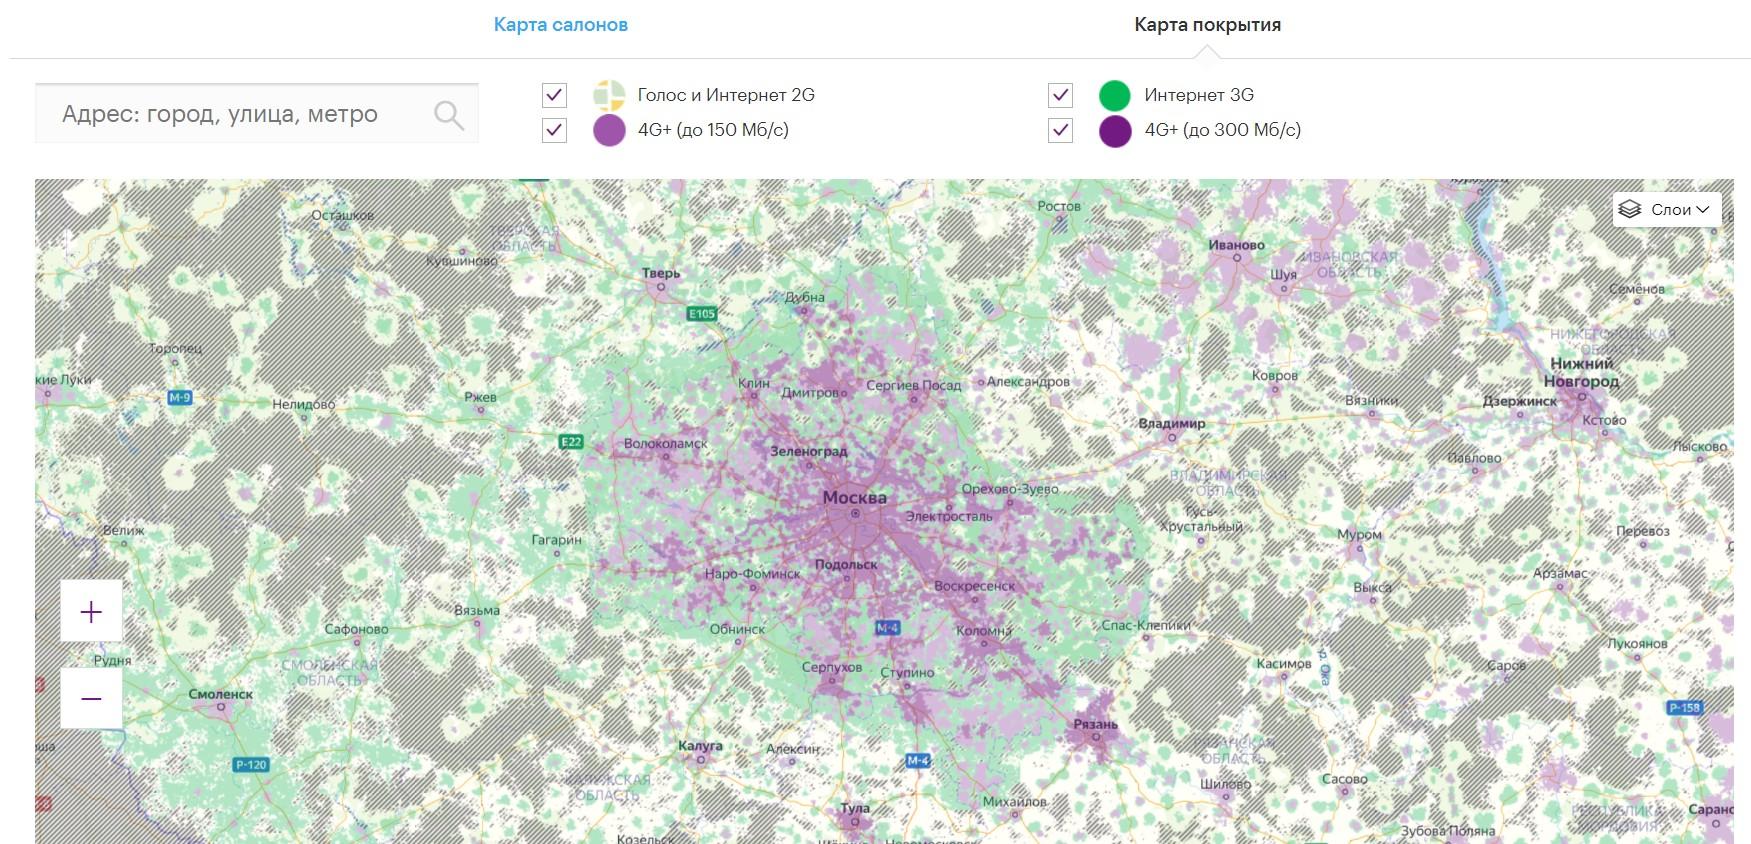 Скриншот карты покрытия на примере Мегафона